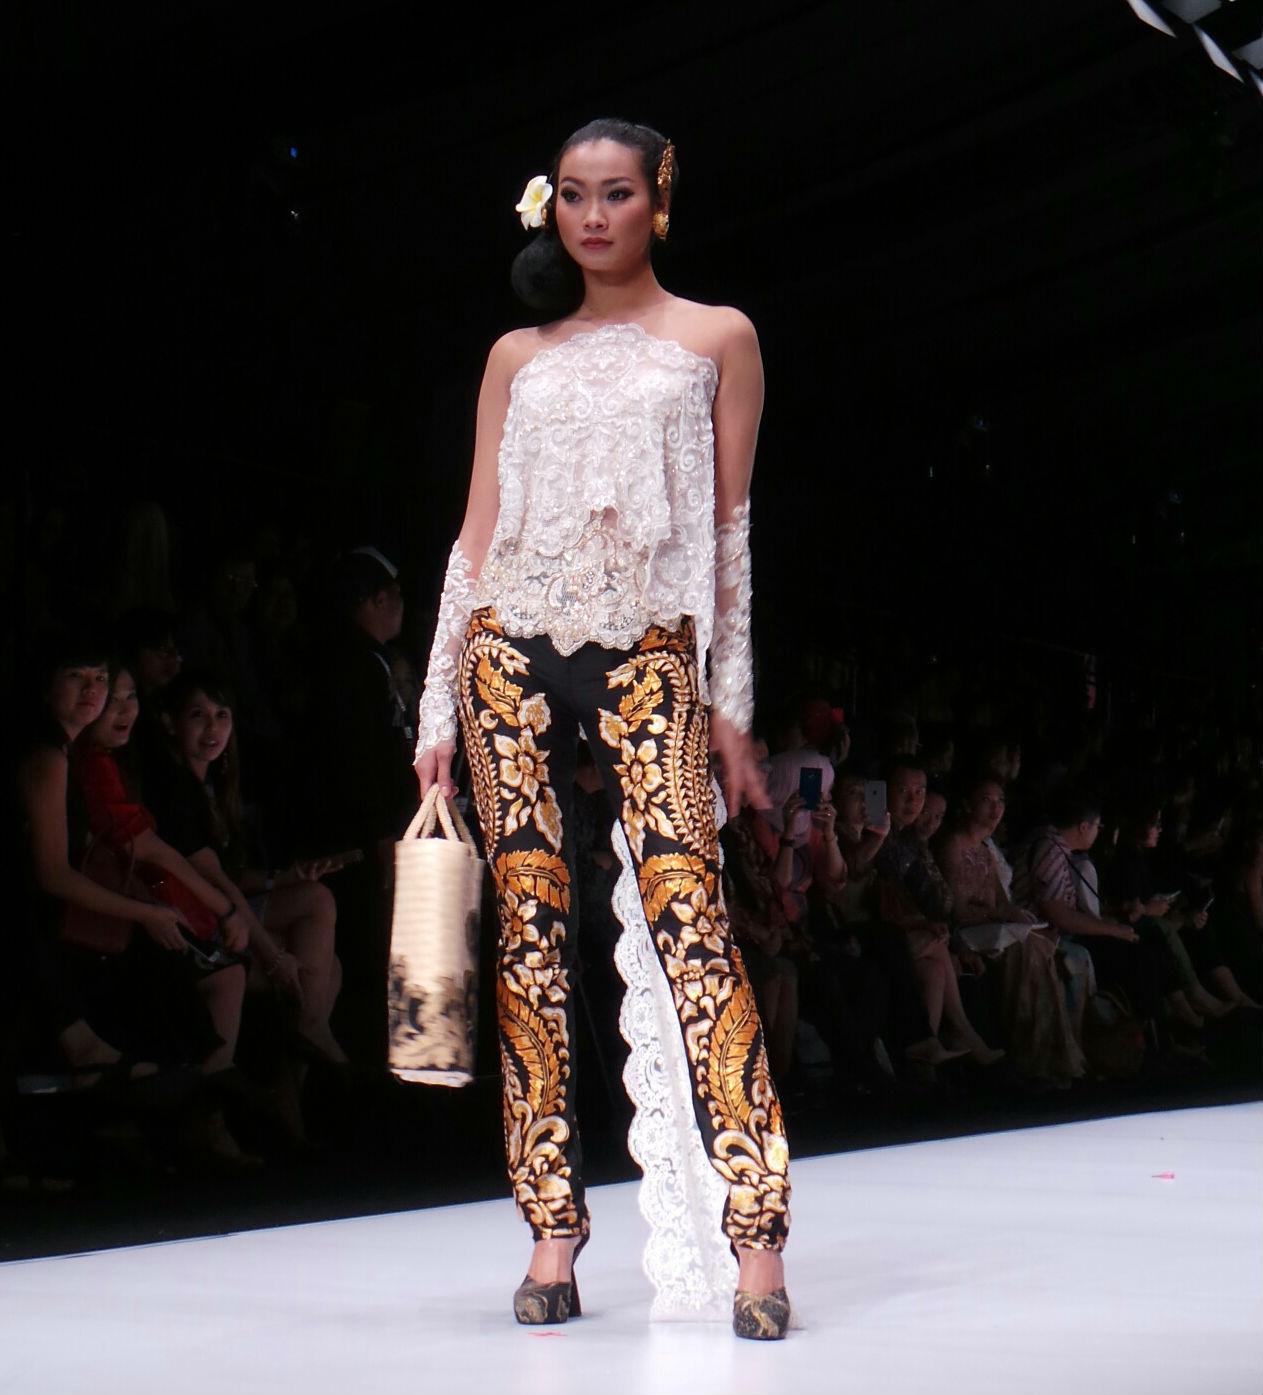 About jakarta fashion week List of fashion events - Wikipedia